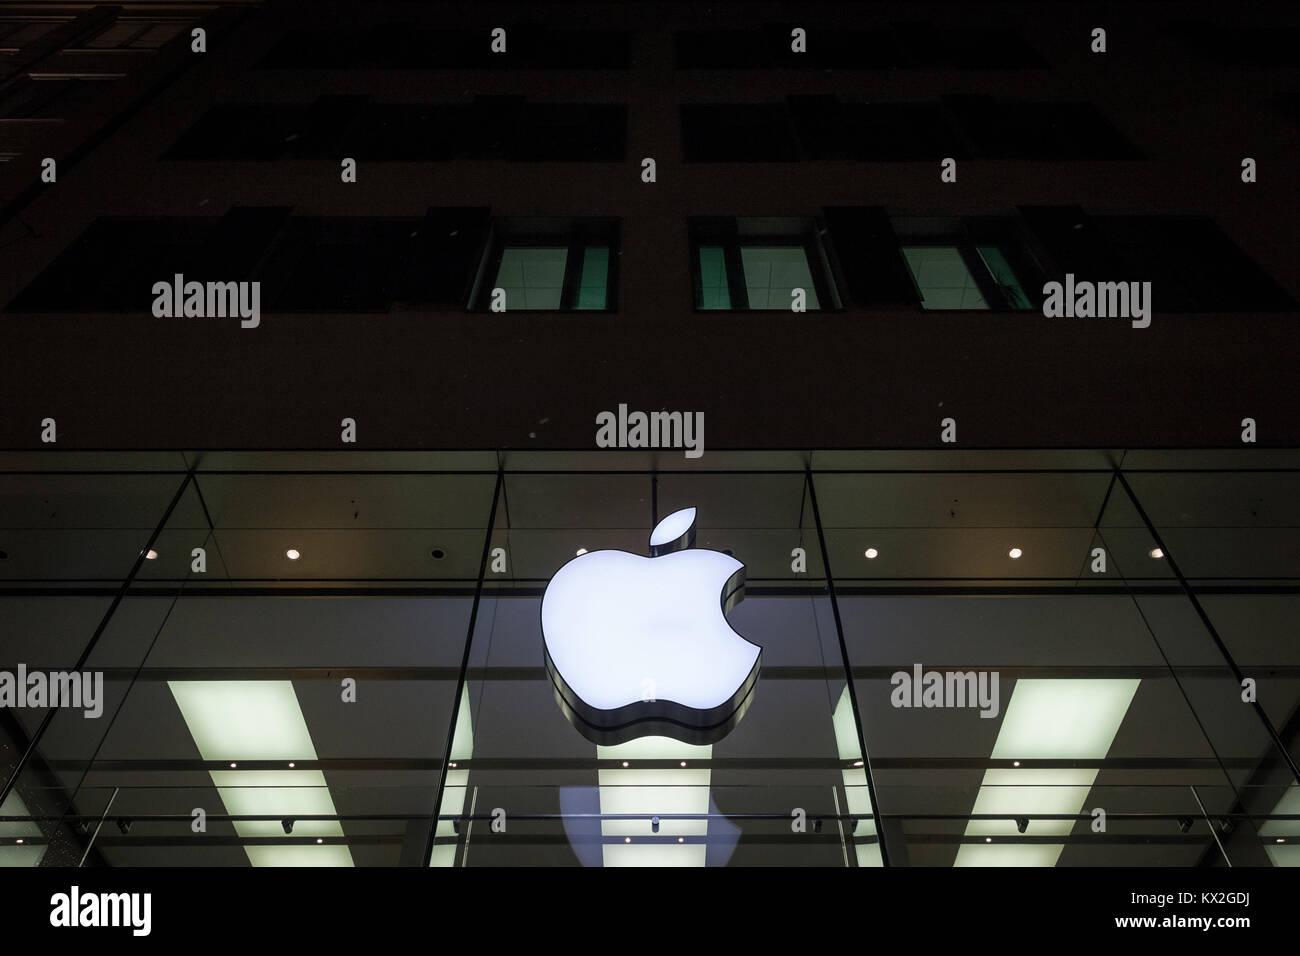 MUNICH, ALLEMAGNE - le 17 décembre 2017: logo Apple sur l'Apple Store de Munich prise lors d'une Photo Stock